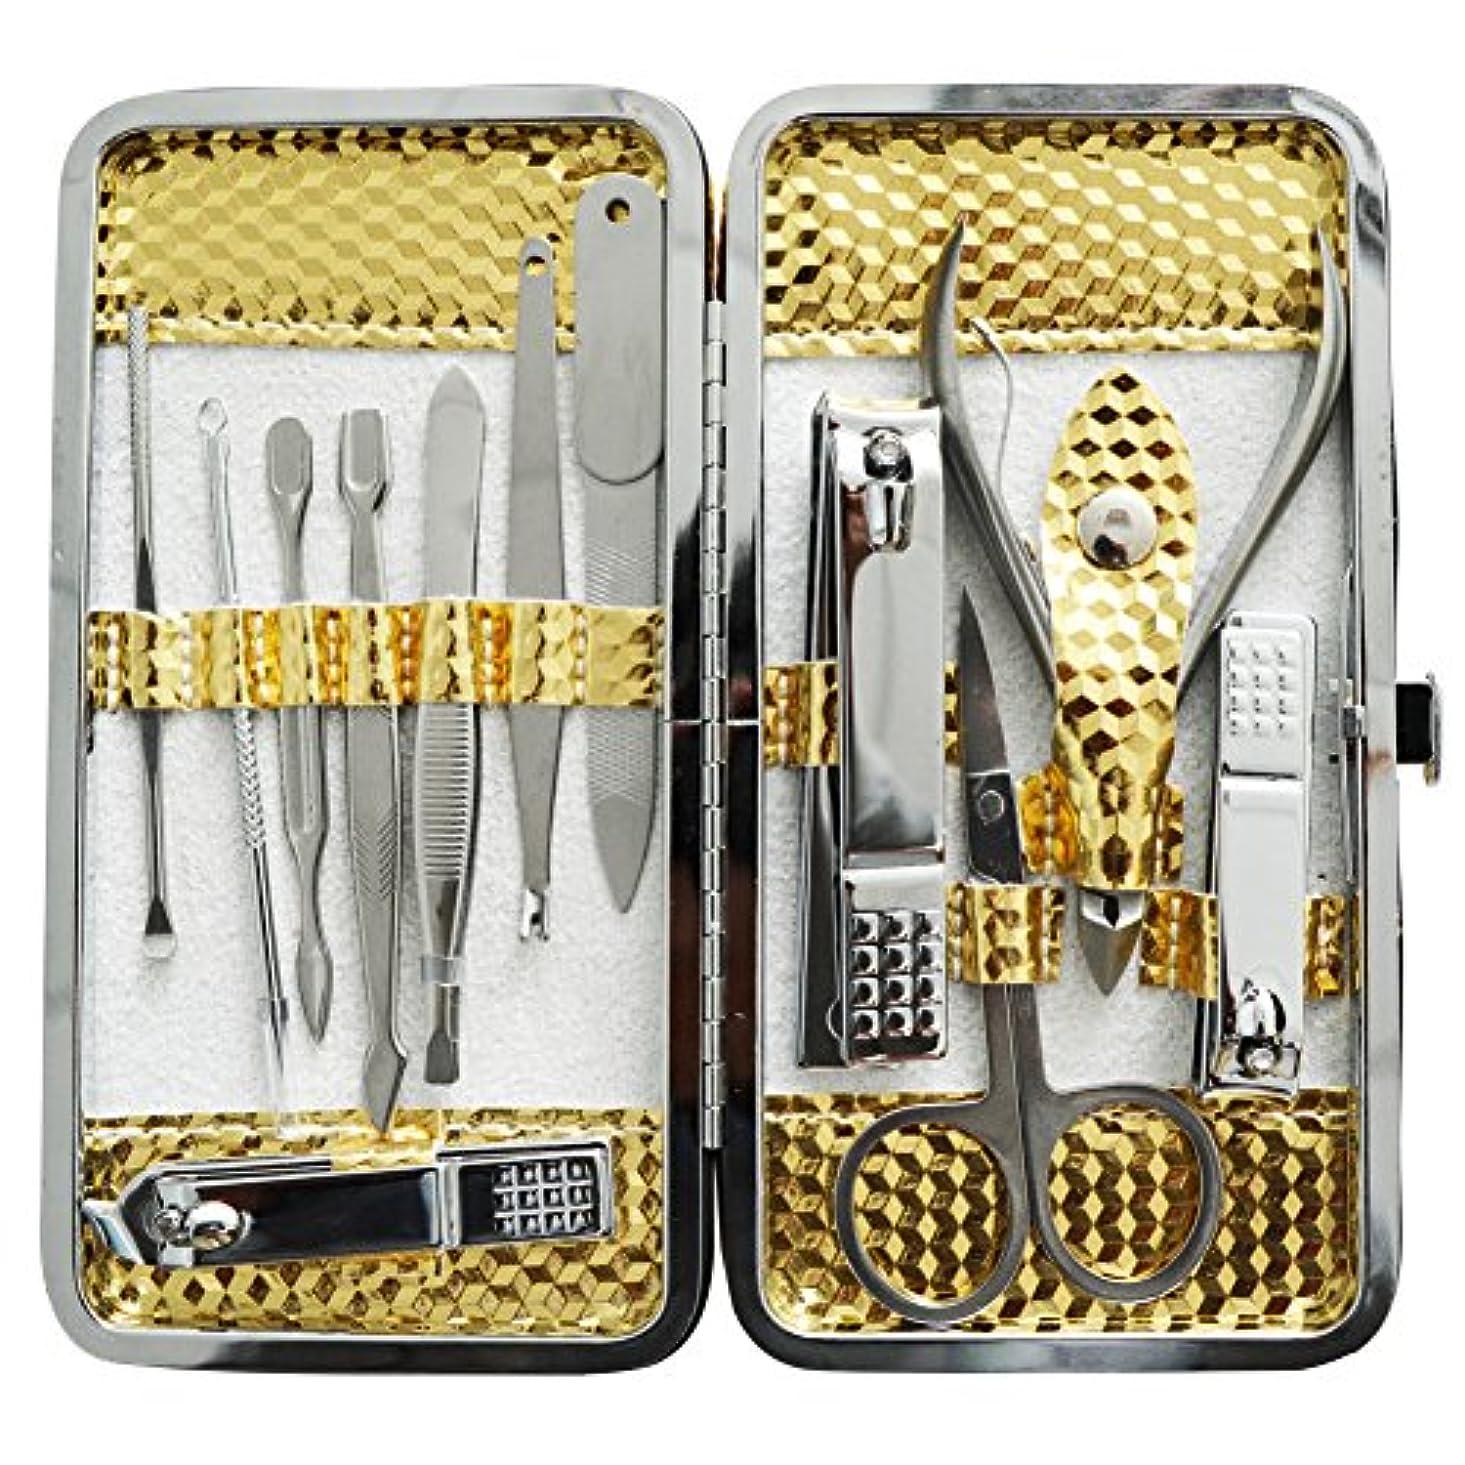 じゃがいも縁石裏切り爪切りセット 耳掃除機 12枚はさみ、キューティクルをトリマー、耳かき、ナイフ